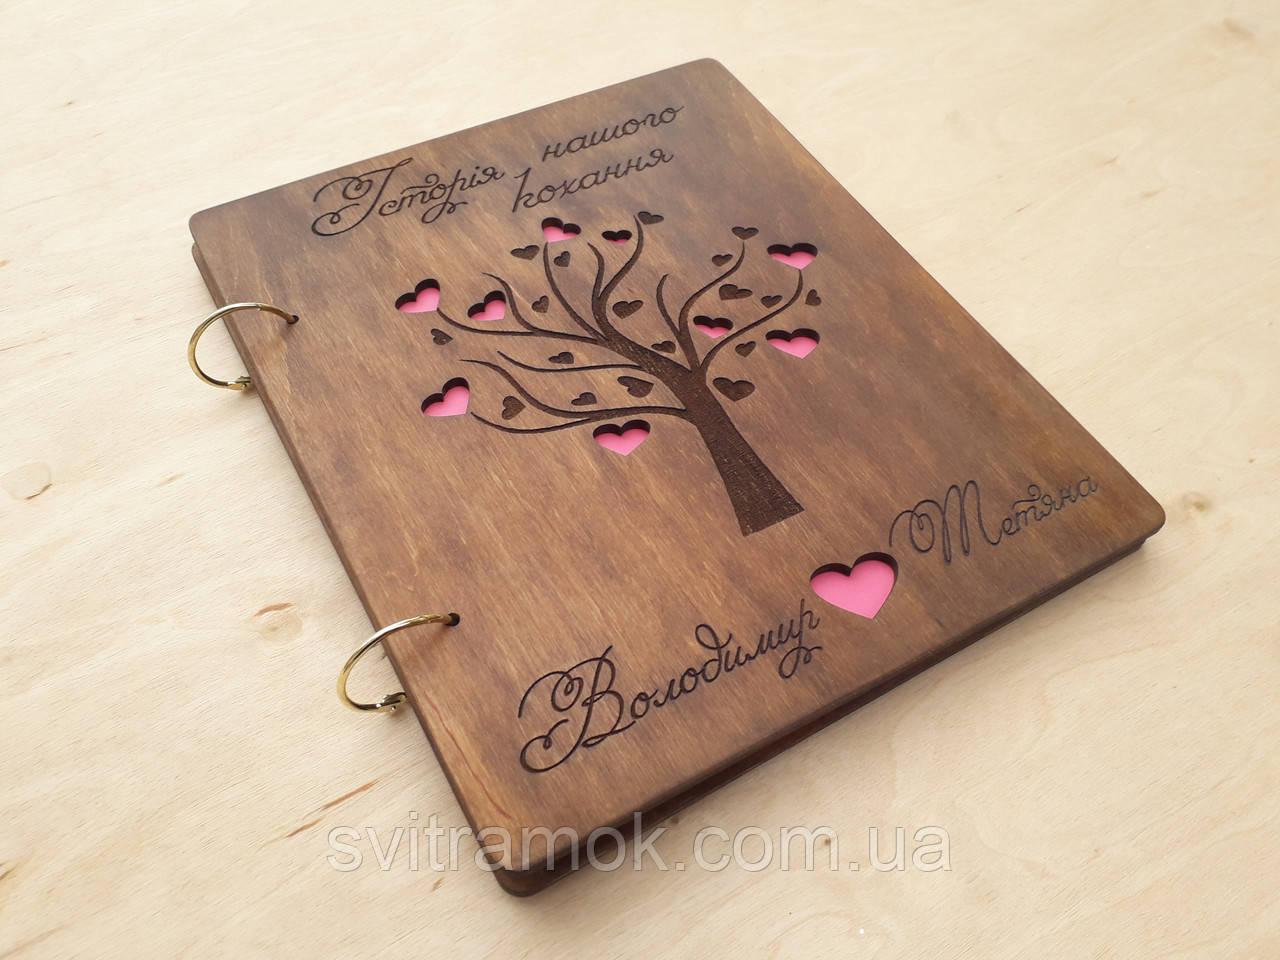 Фотоальбом з дерев'яною обкладинкою